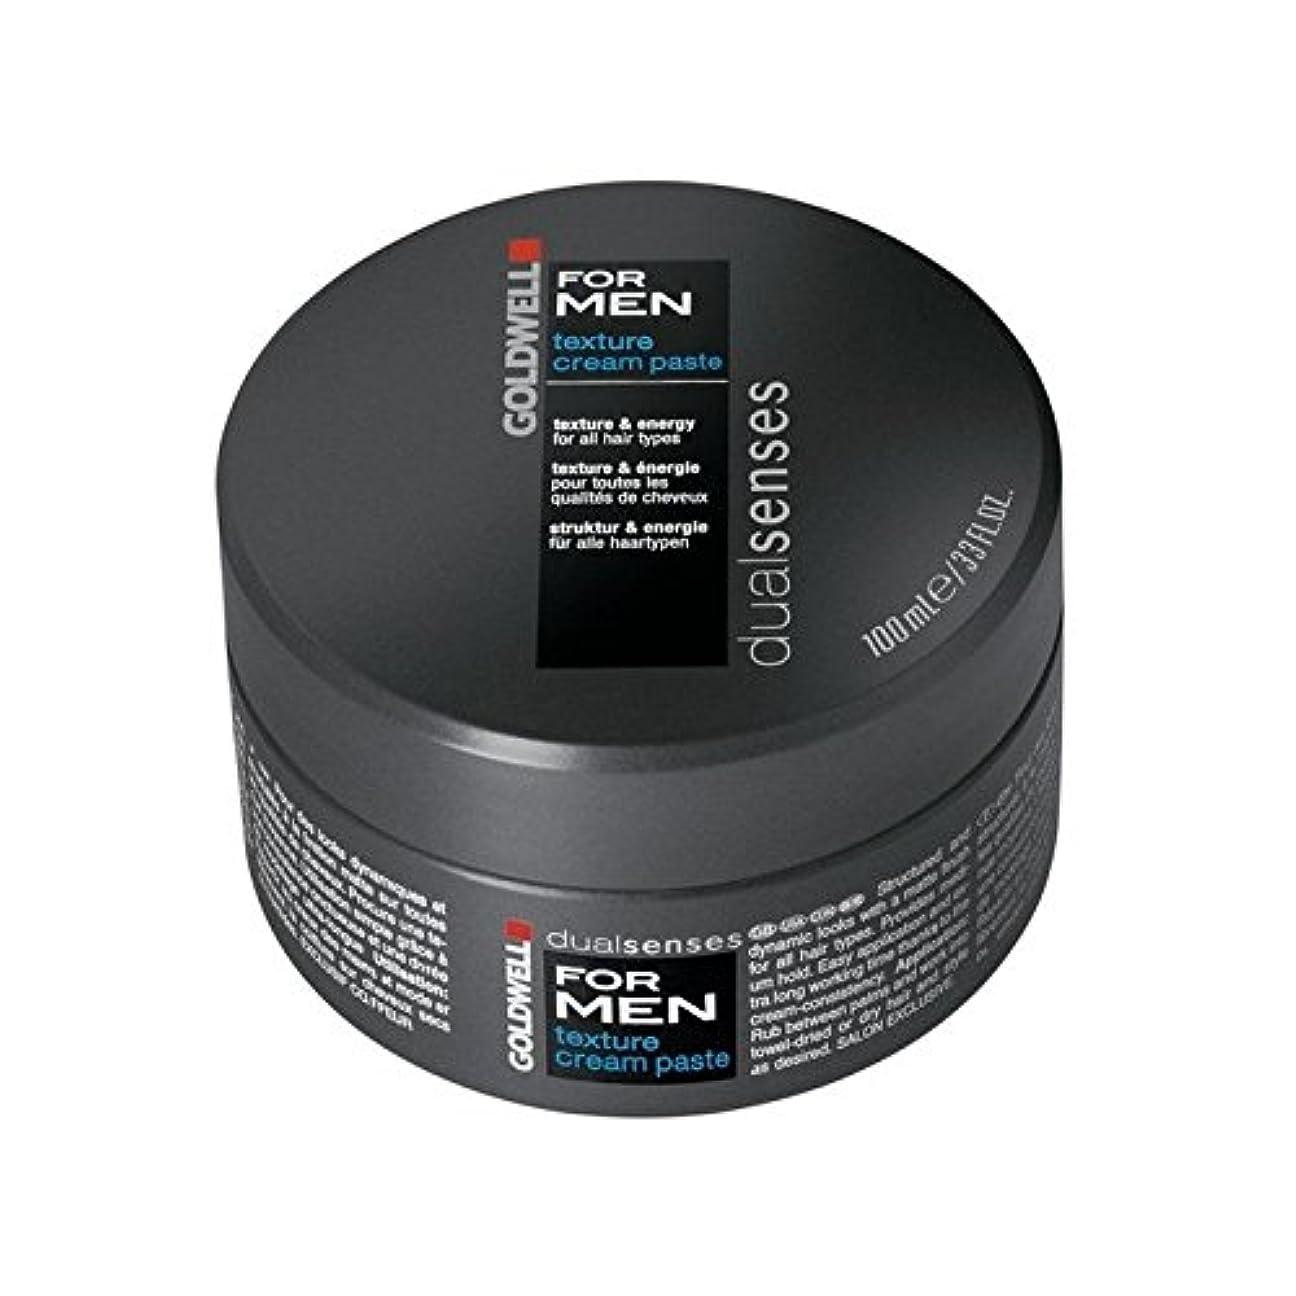 午後合併症好ましい男性のテクスチャーのクリームペースト(100ミリリットル)のためのの x4 - Goldwell Dualsenses For Men Texture Cream Paste (100ml) (Pack of 4) [並行輸入品]